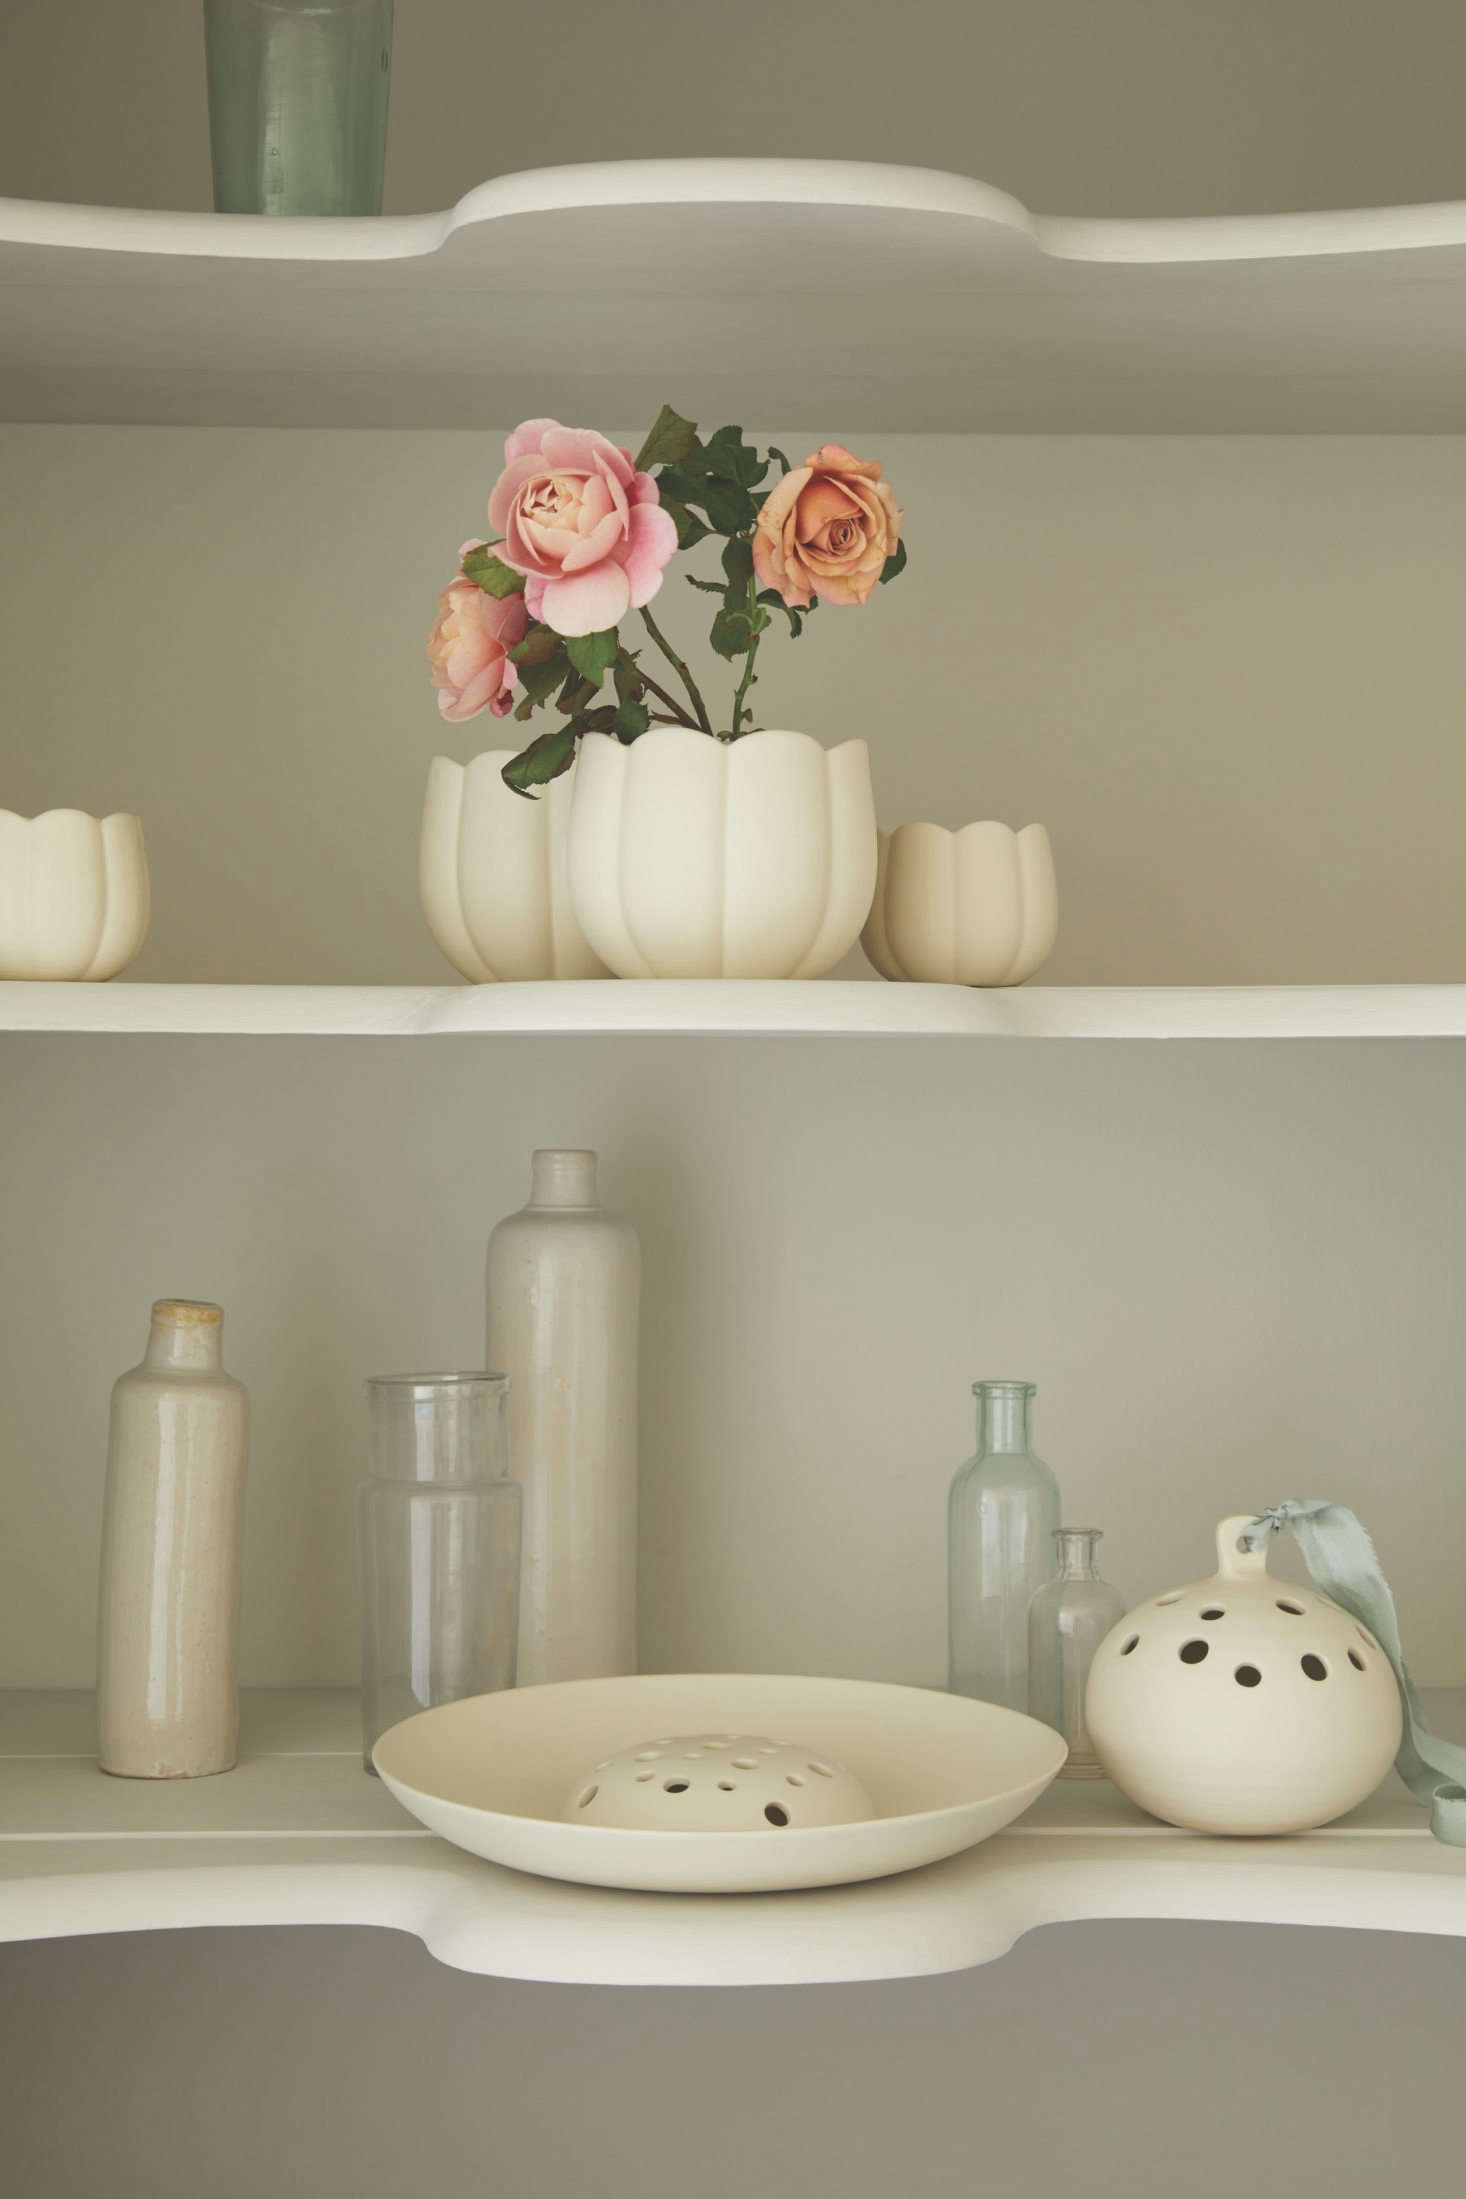 On the lower shelf the Ceramic Flower Frog Bowl, $src=